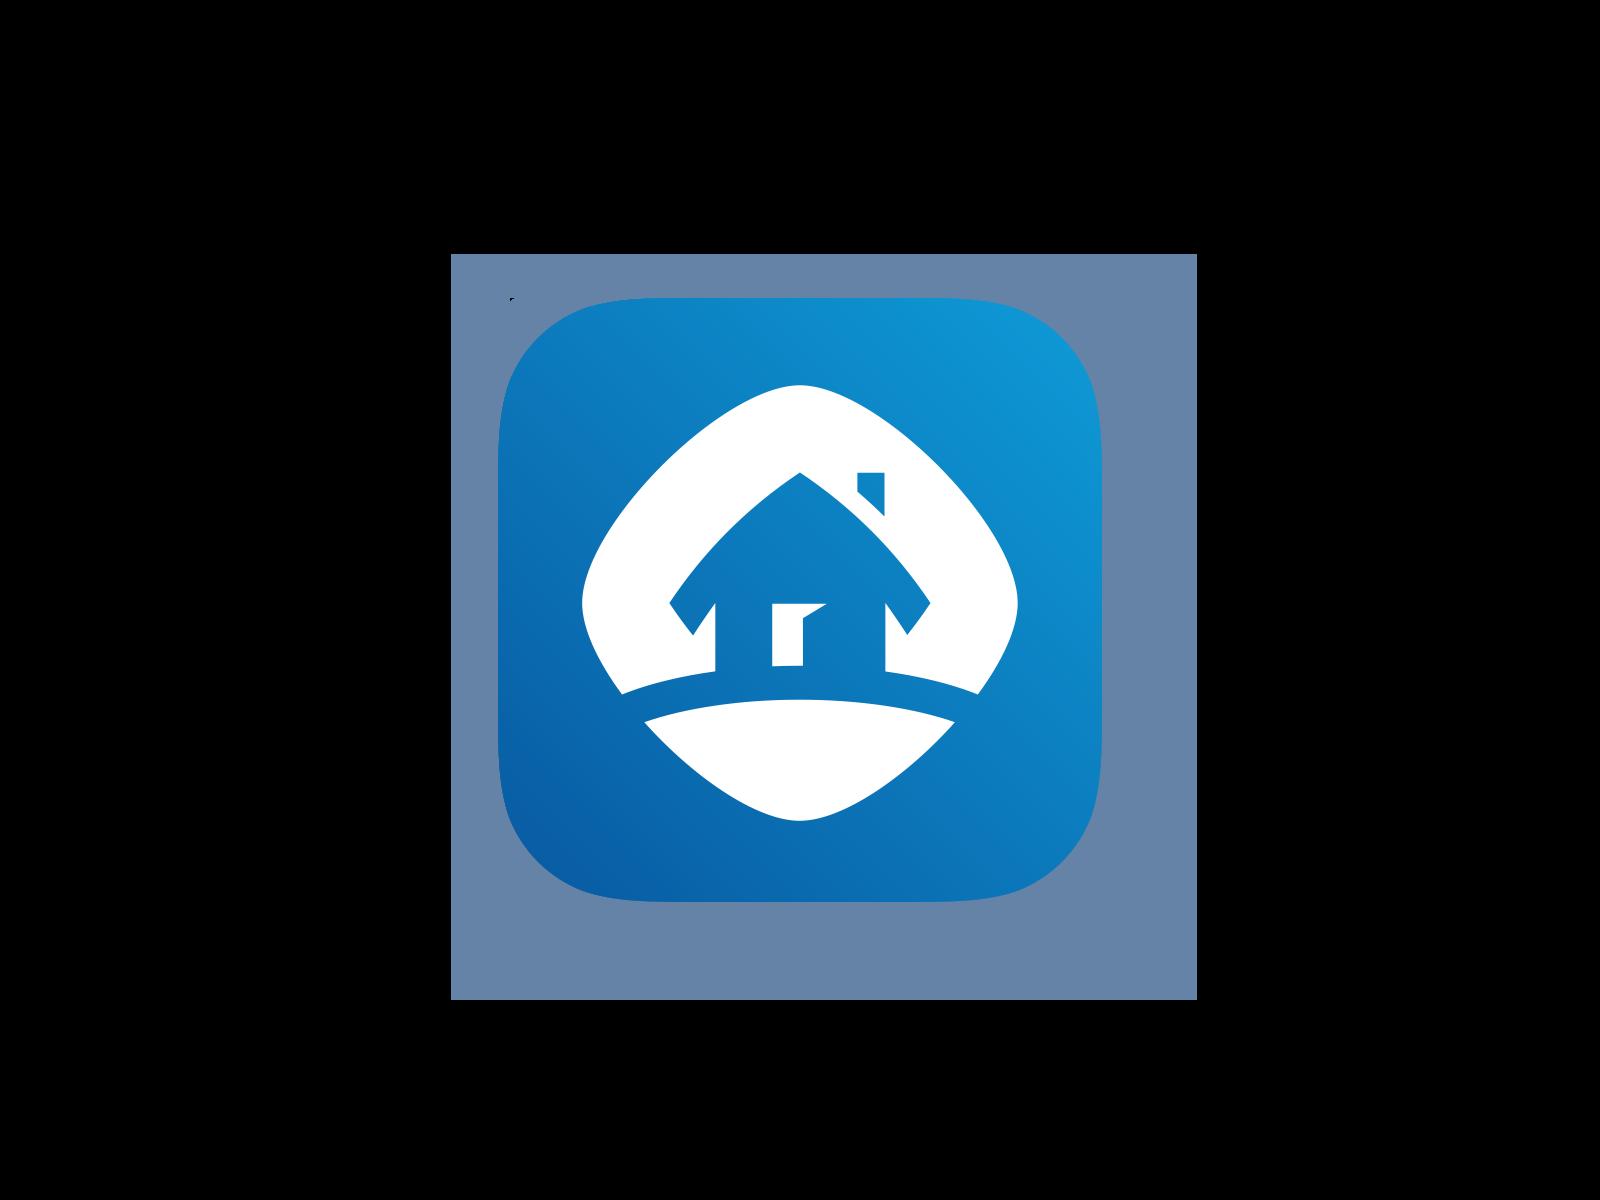 logo_design_case_study_tubik_icon